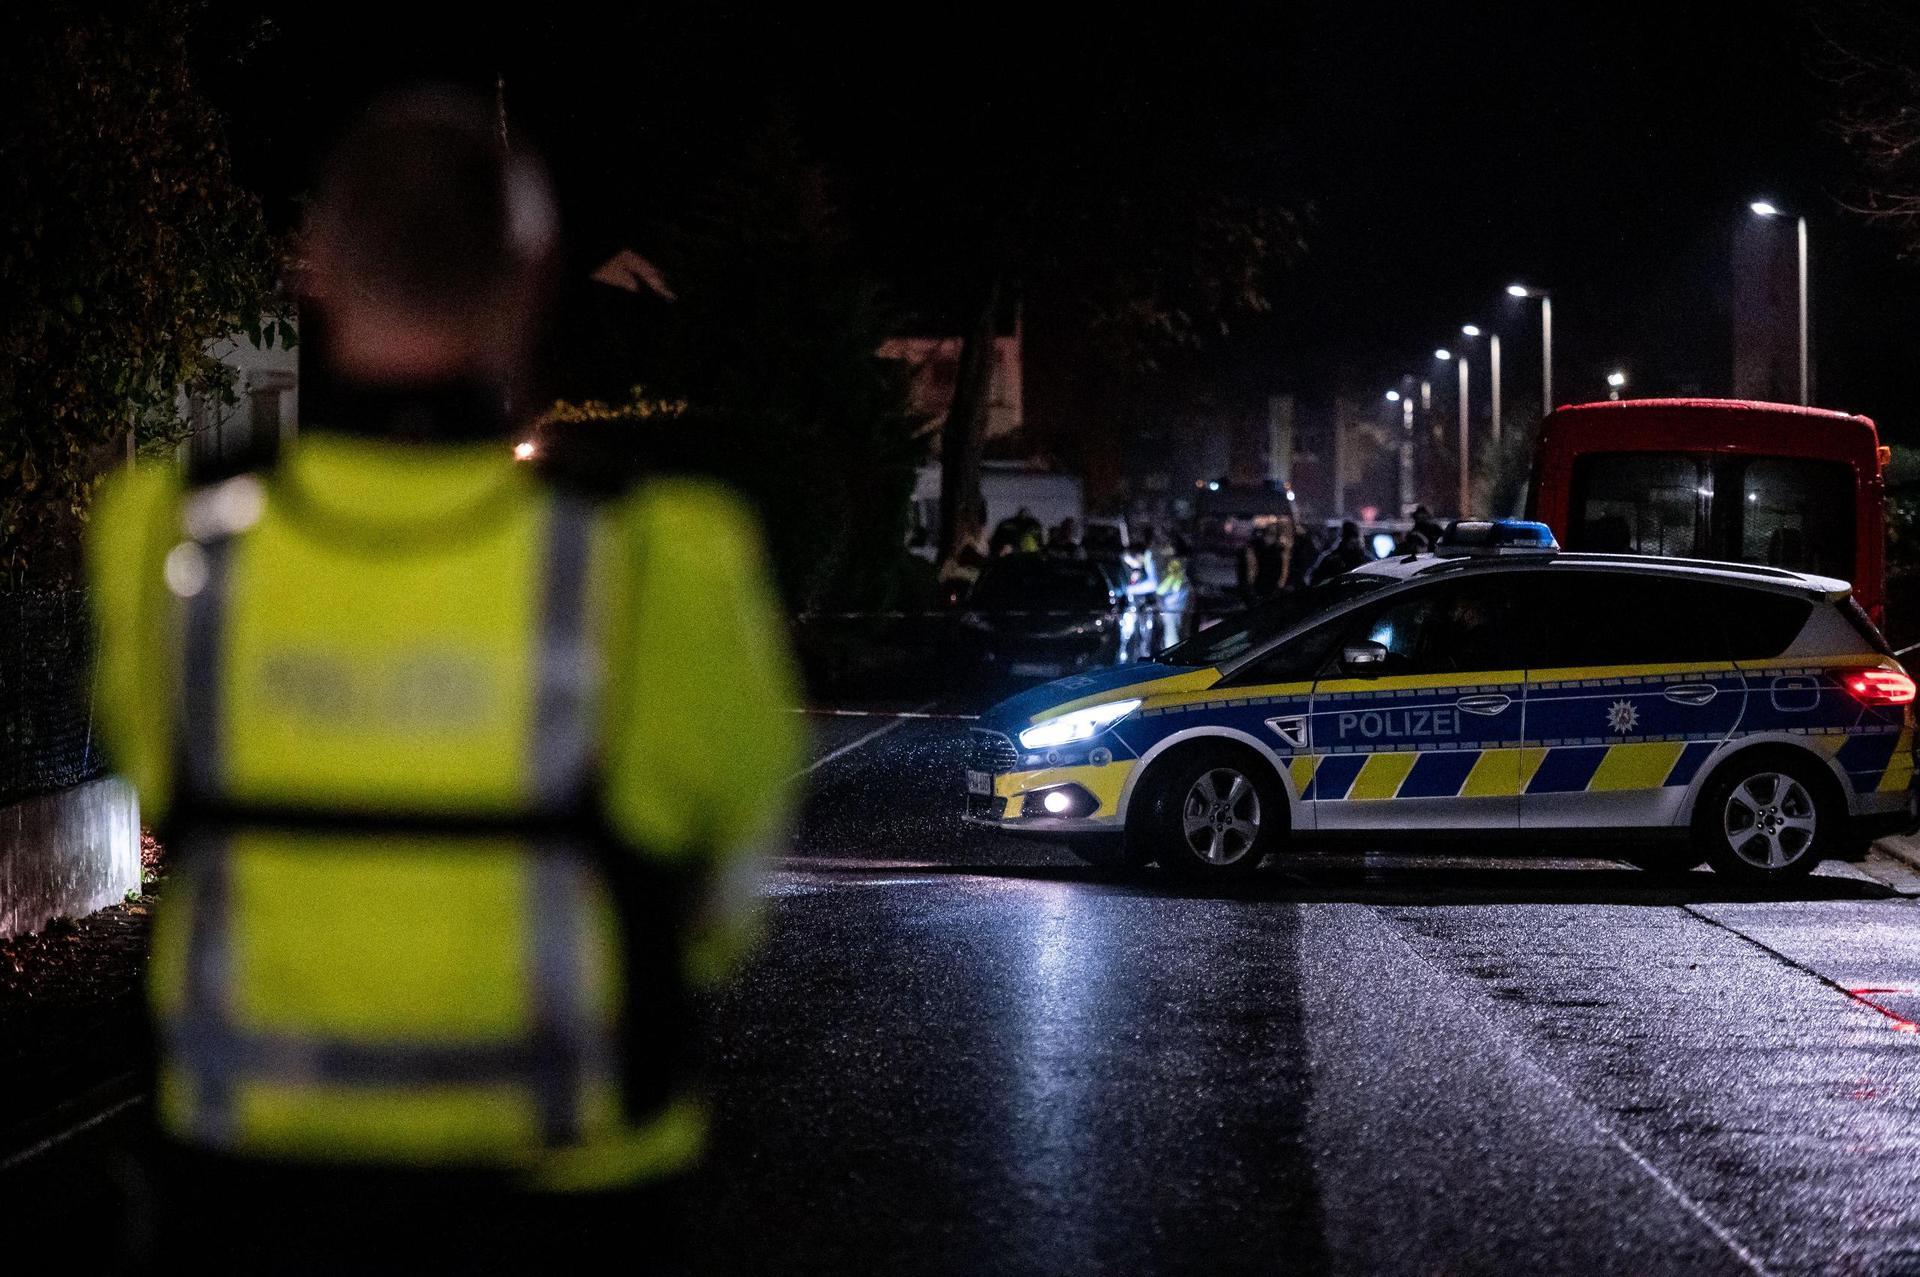 44-Jähriger stirbt nach Schusswechsel – wohl privates Motiv Meckenheim in NRW